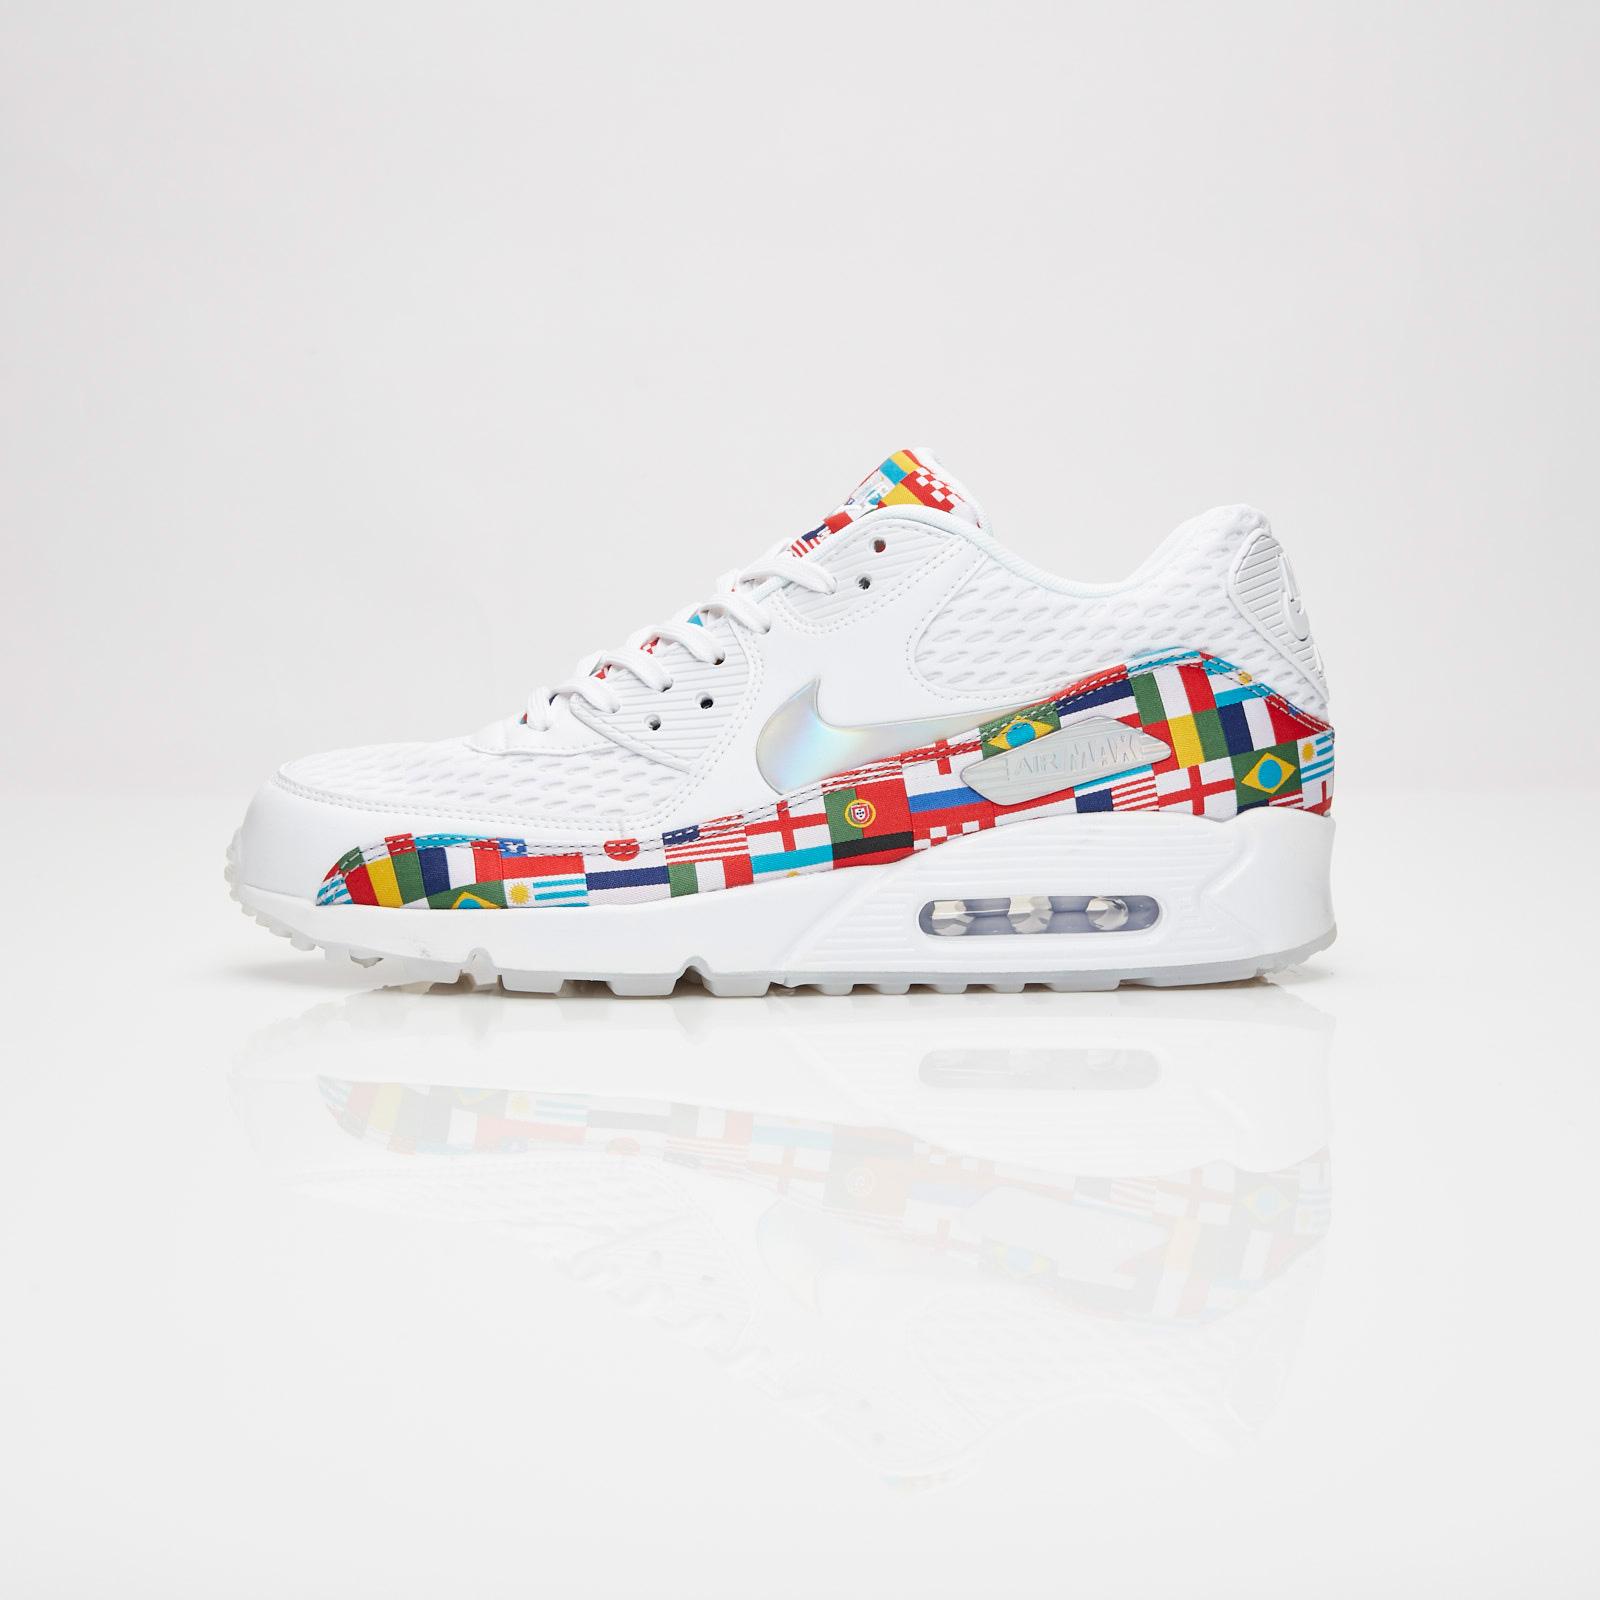 Nike Air Max 90 NIC QS - Ao5119-100 - Sneakersnstuff  c23a01042